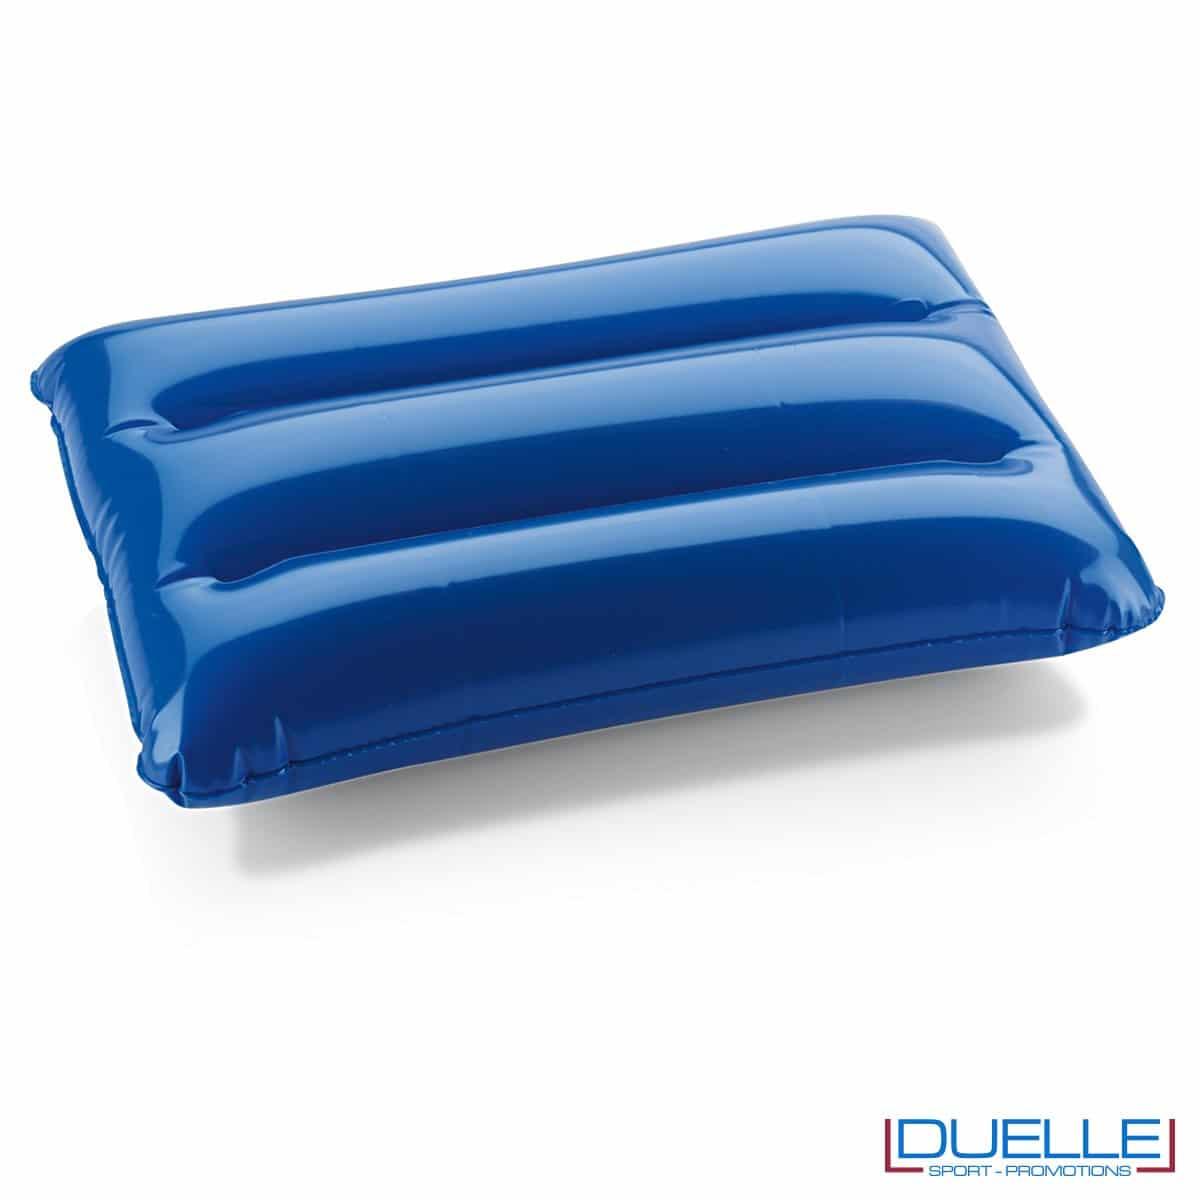 cuscino gonfiabile personalizzato in colore blu, cuscinetto gonfiabile, gadget mare personalizzati